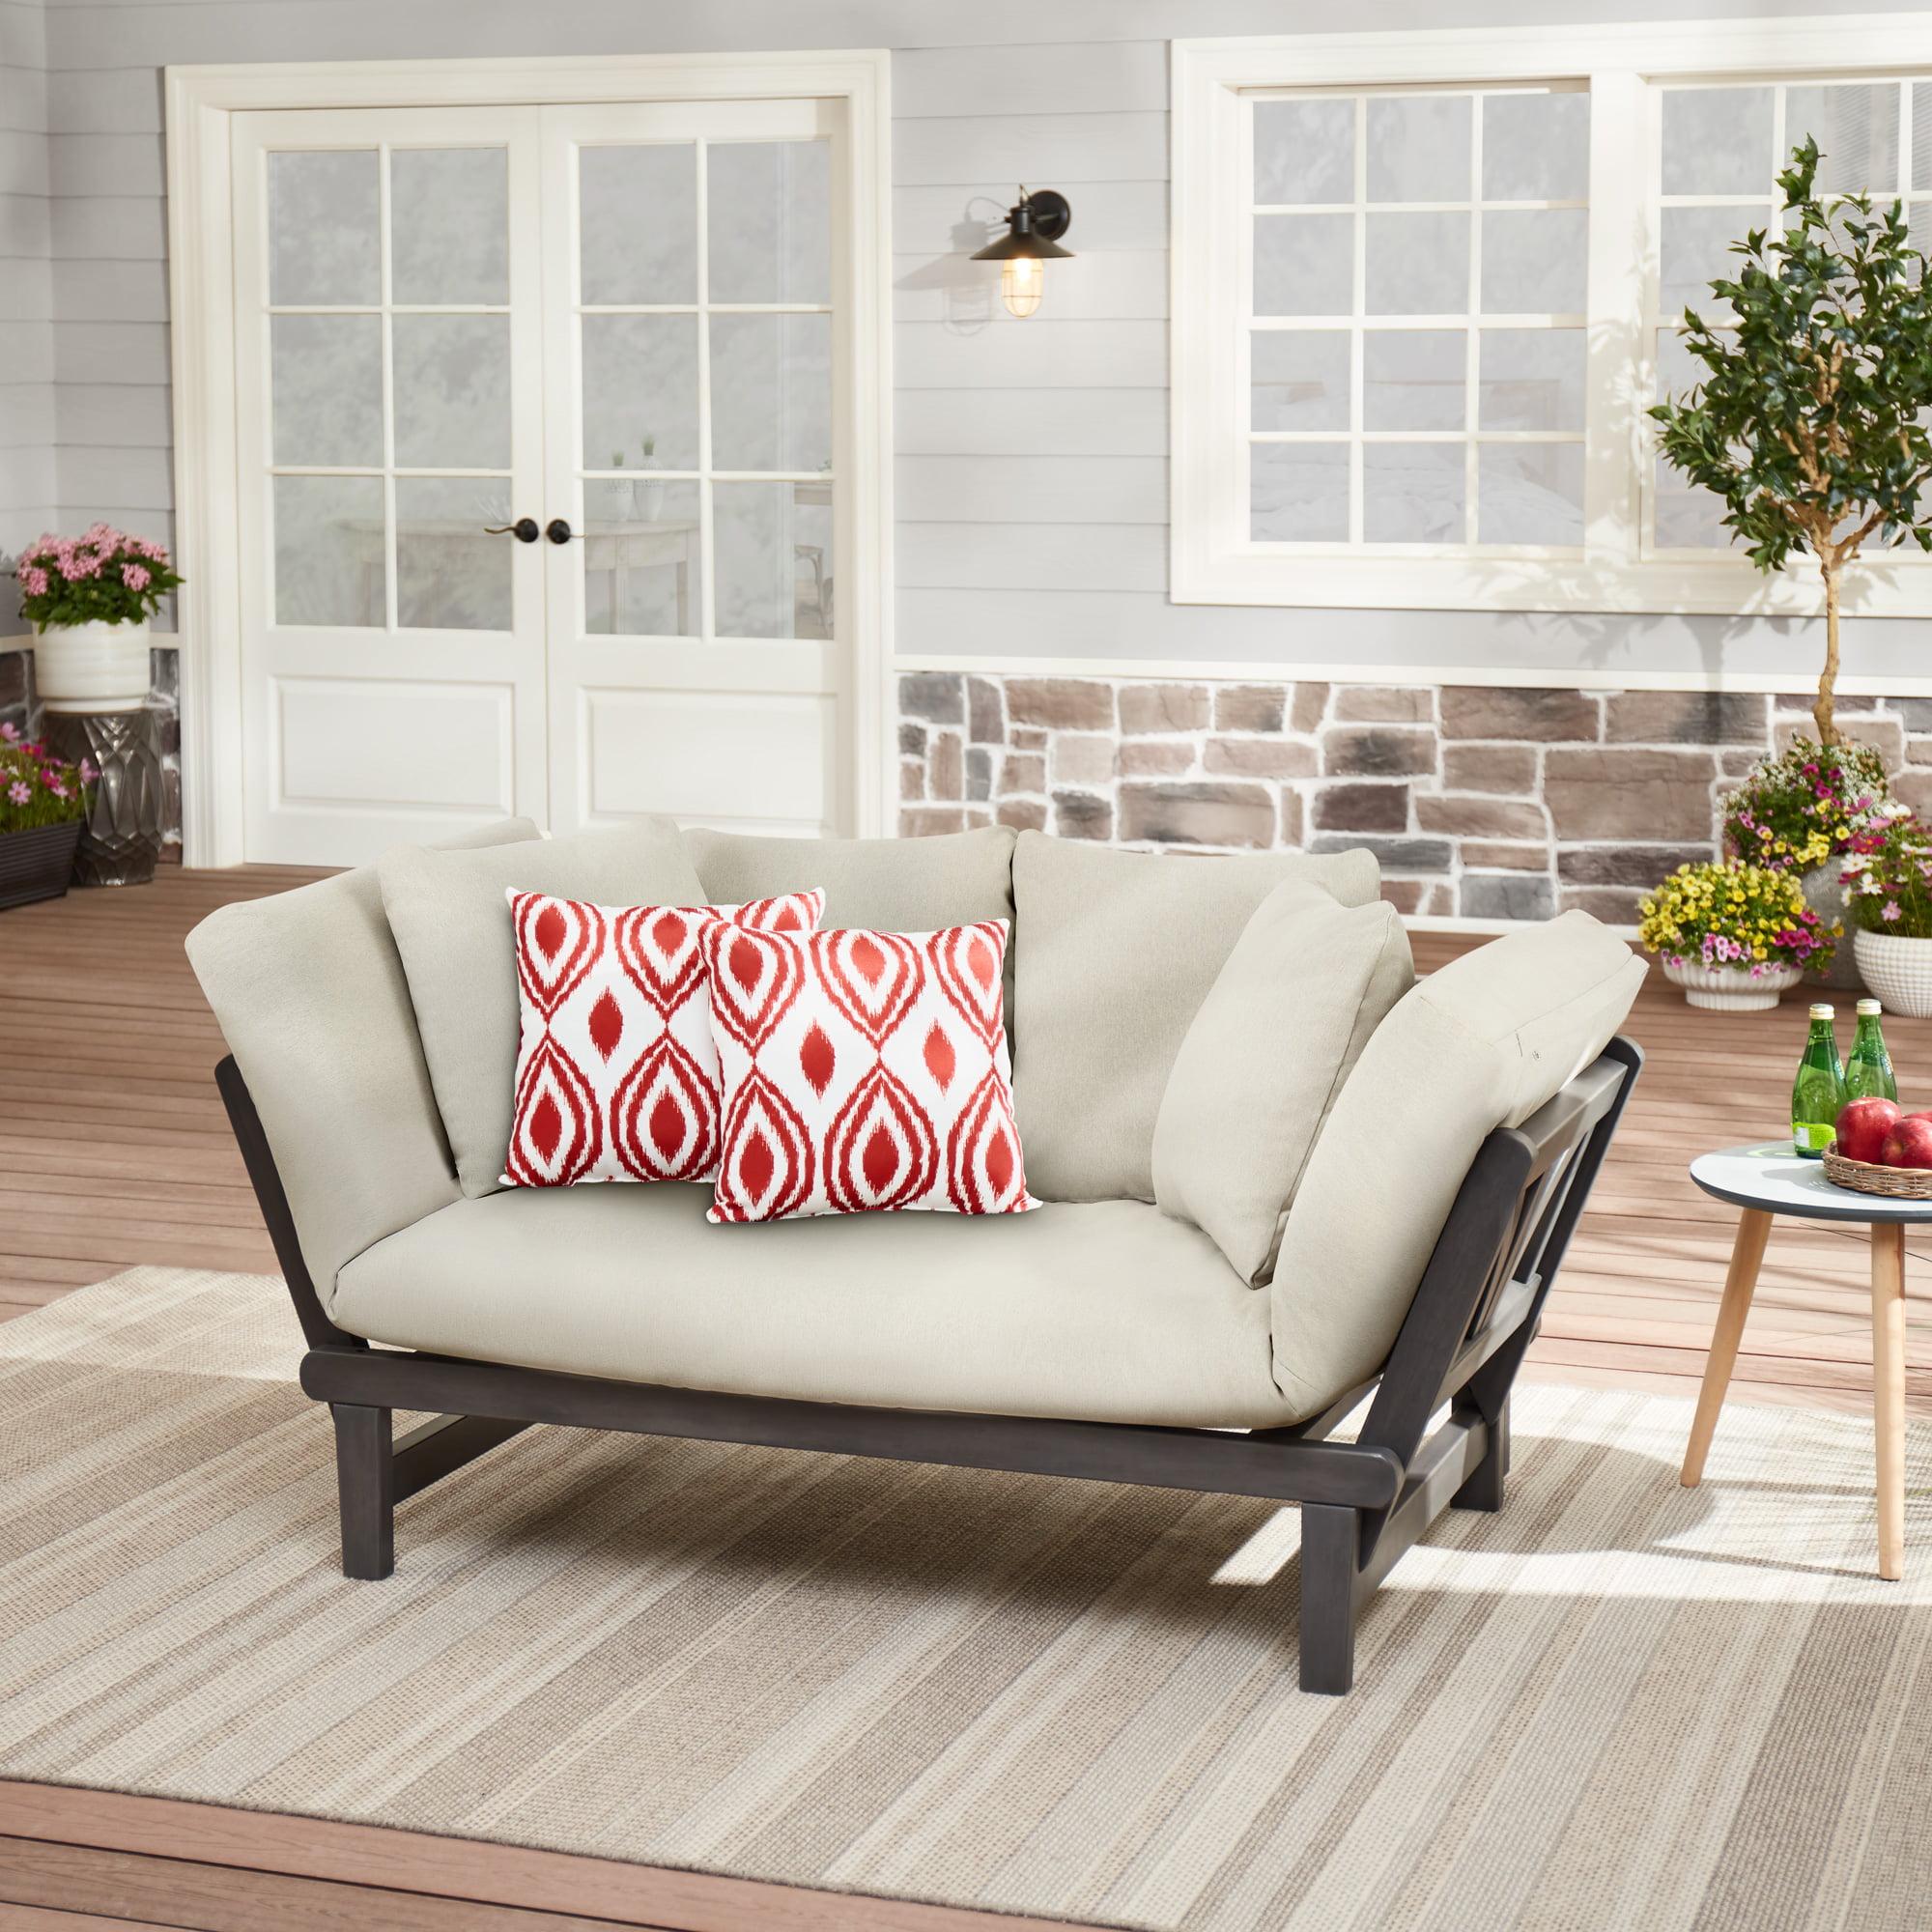 Better Homes & Gardens Delahey Convertible Studio Outdoor ...